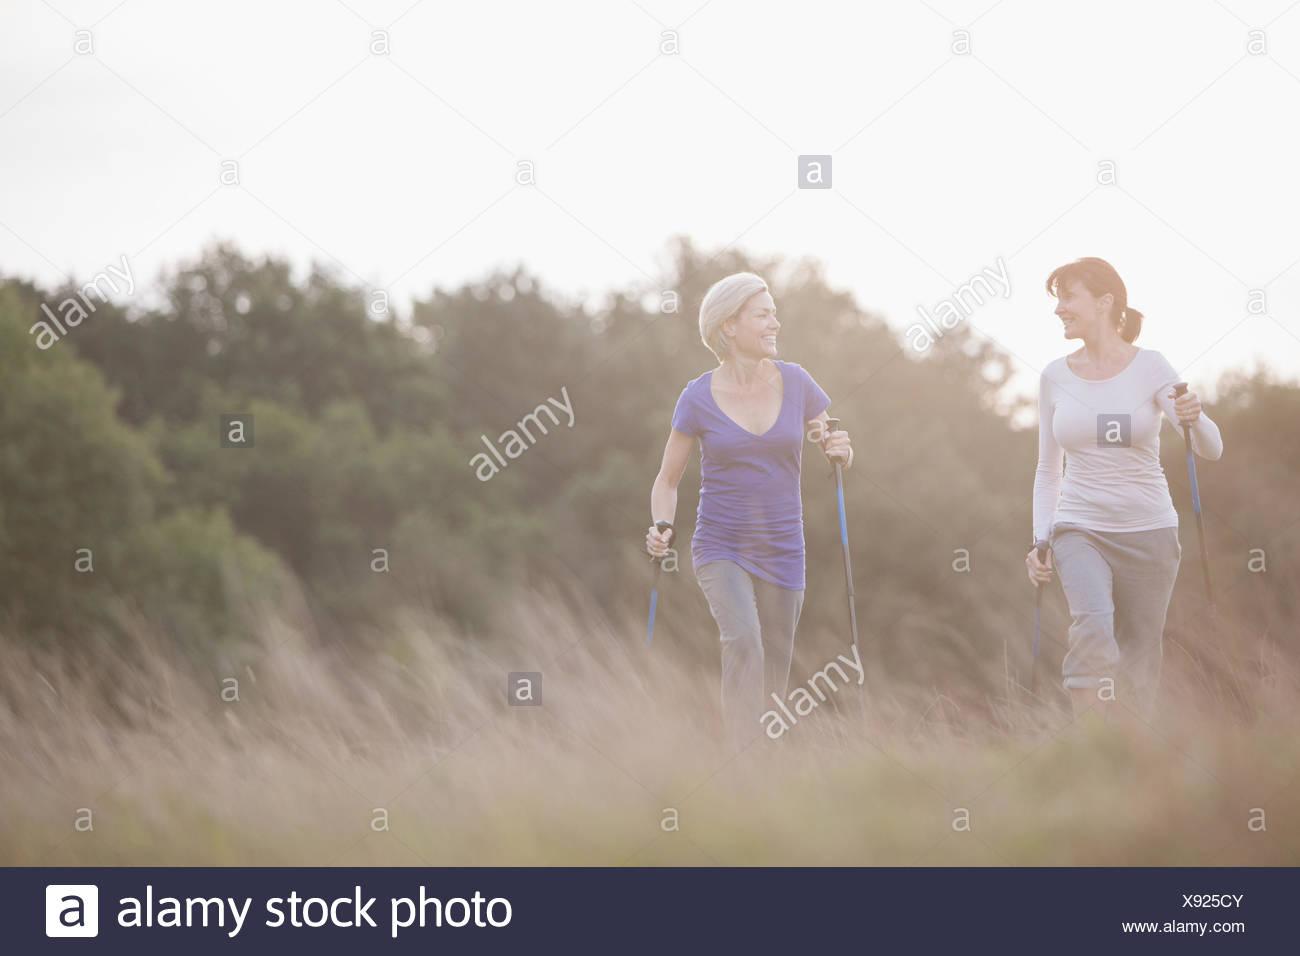 Glückliche Frauen wandern gemeinsam im freien Stockbild